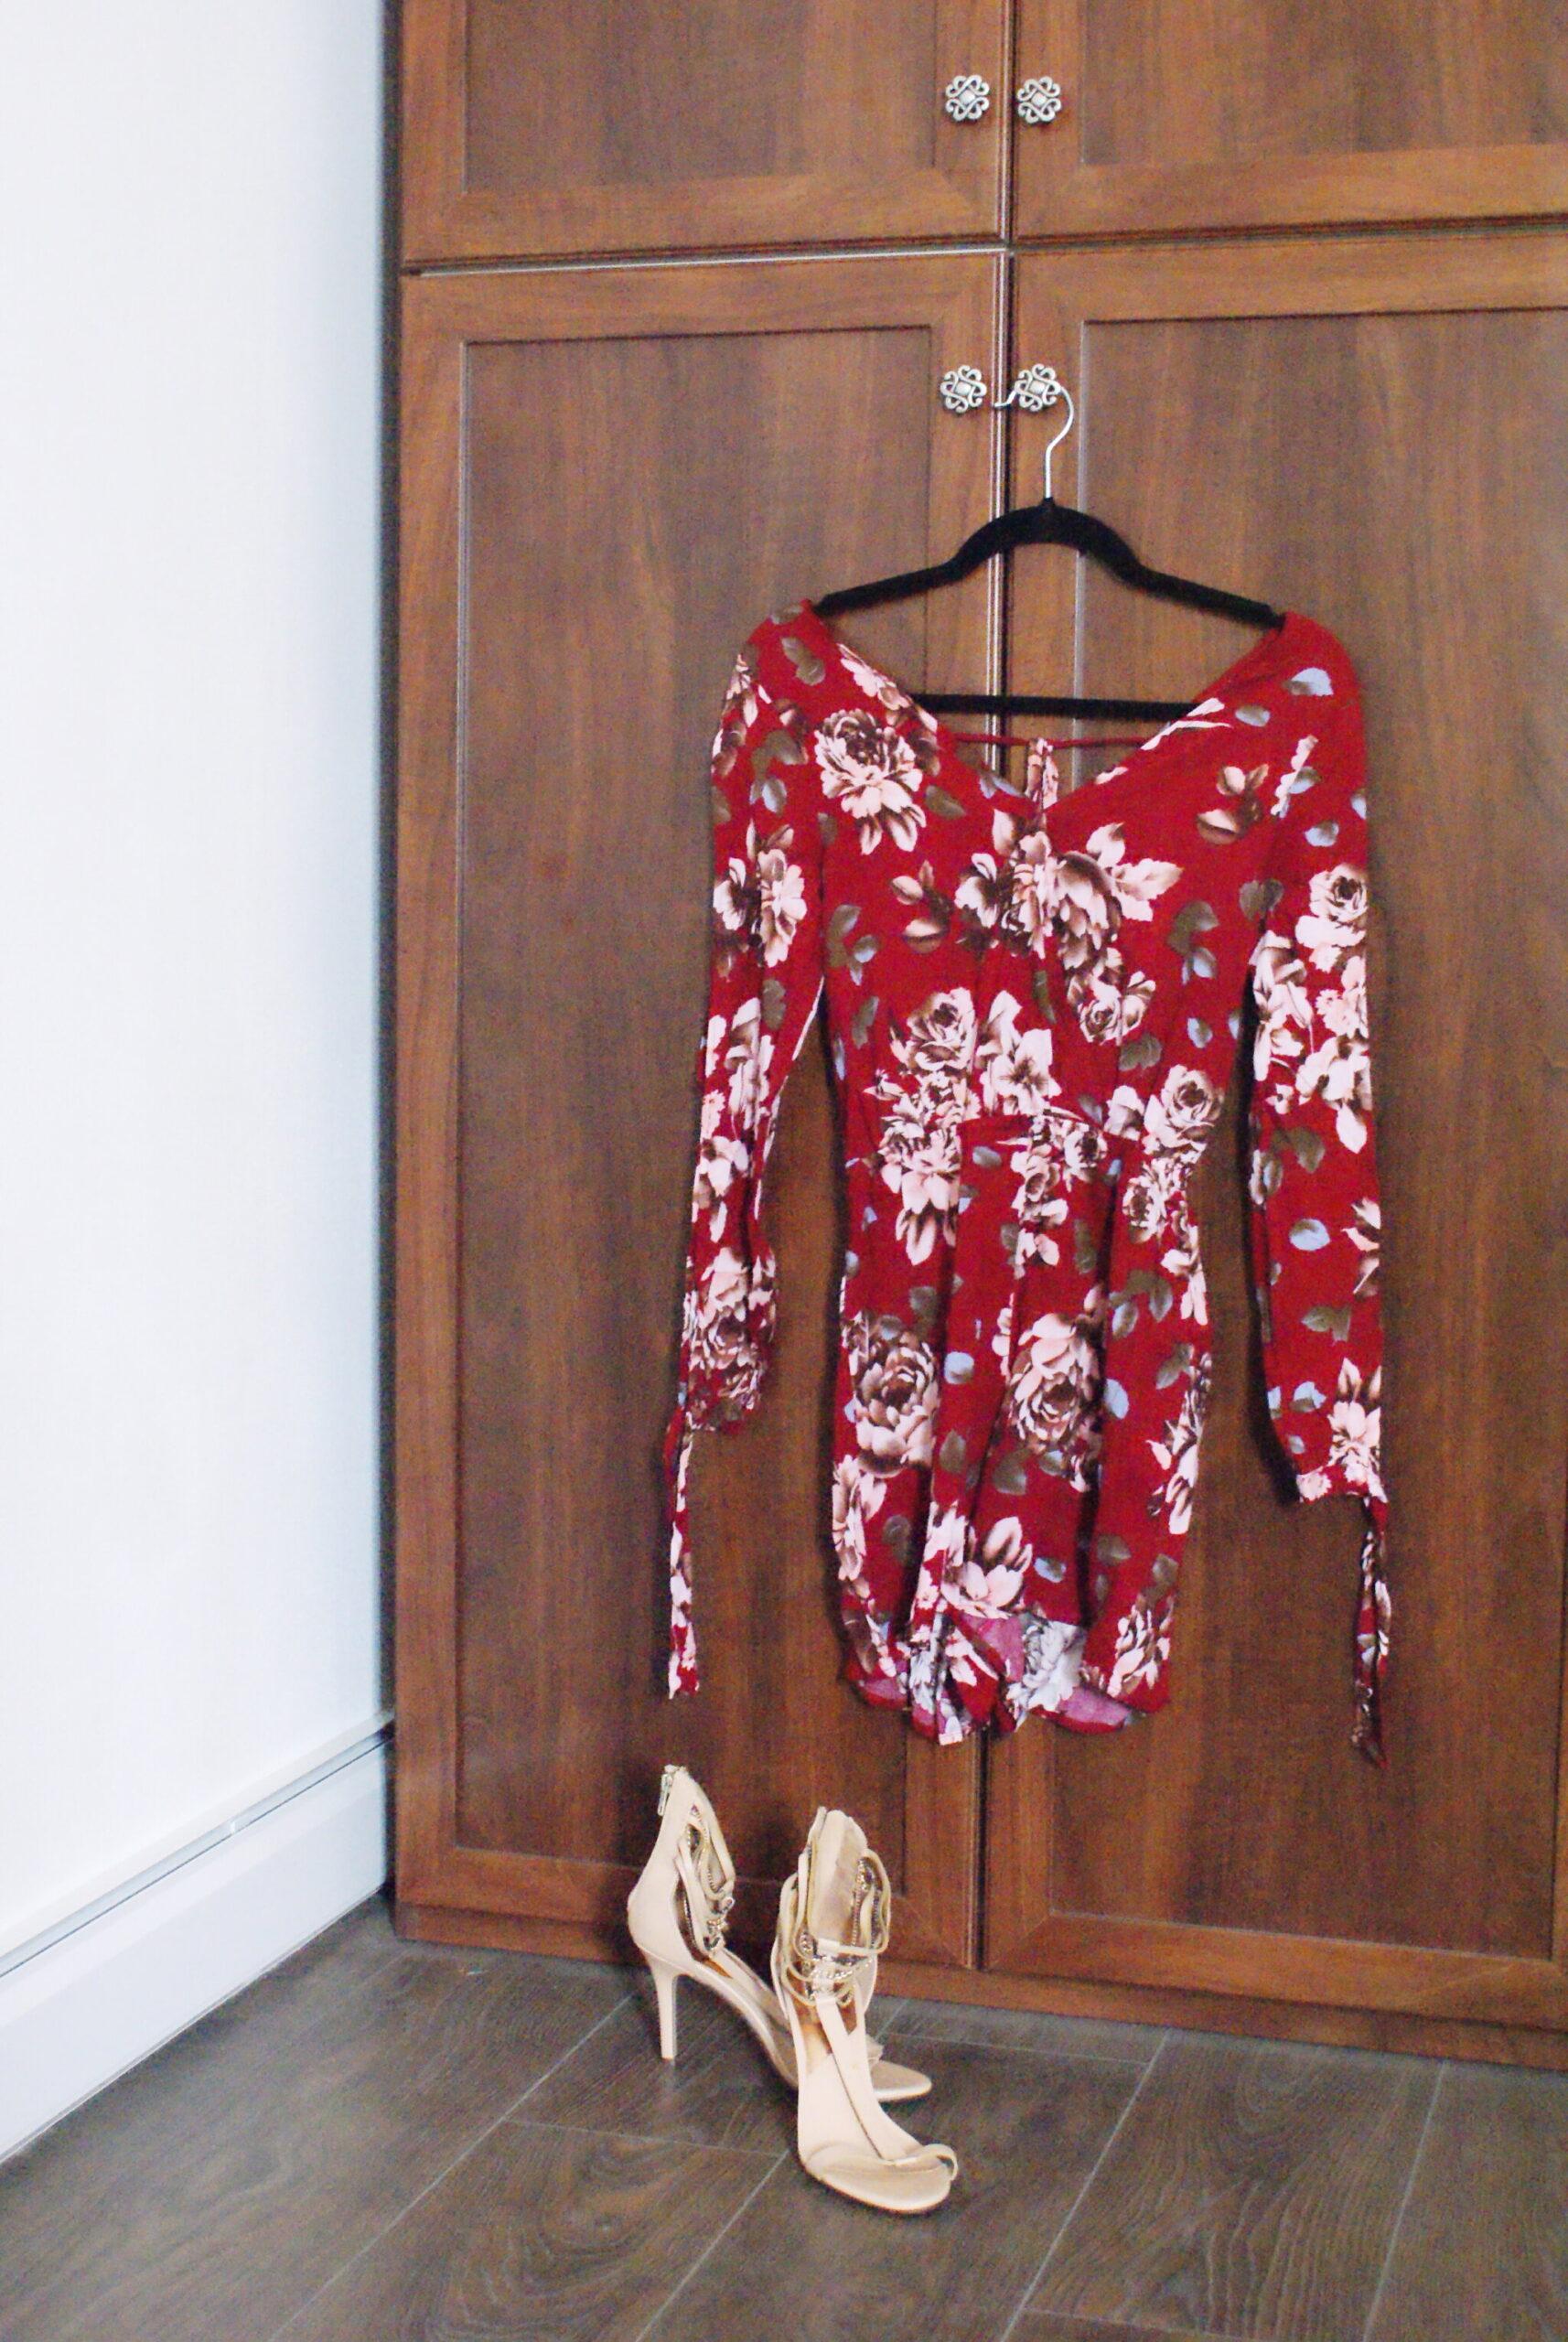 5 consigli aumentare accrescere autostima abbigliamento vestiti stile guida donne ogni età francinesplaceblog